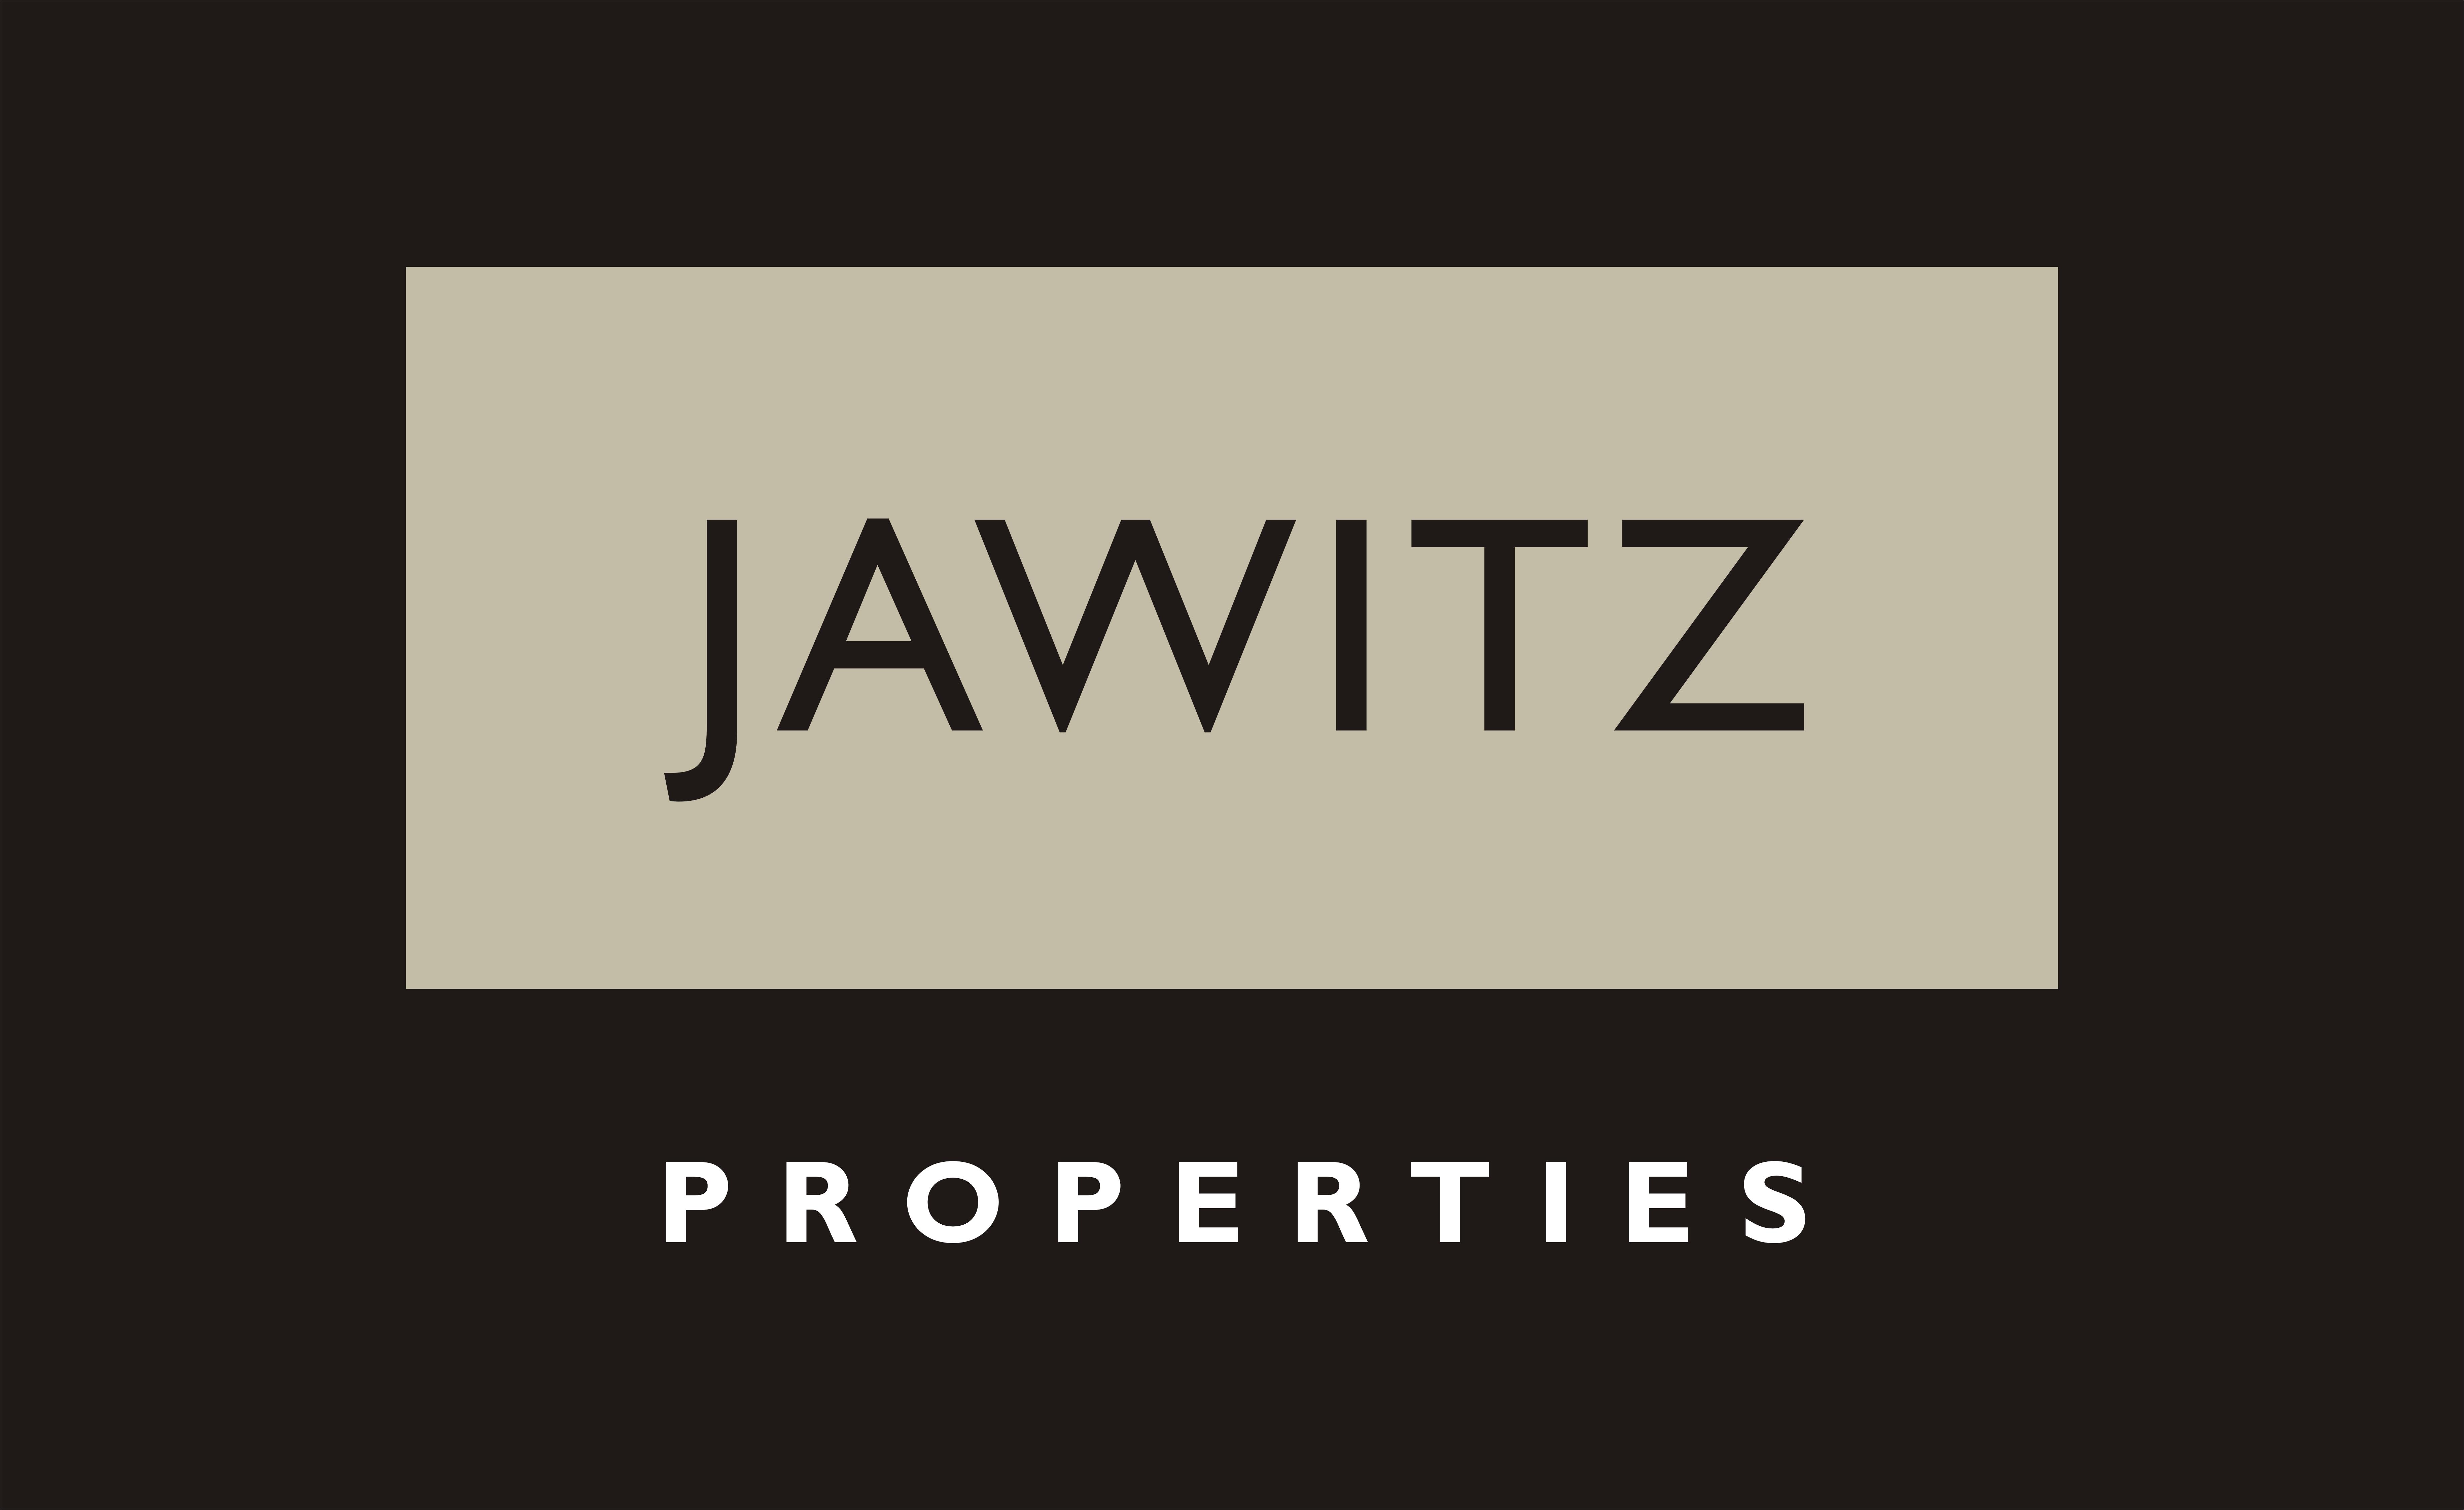 jawitz logo